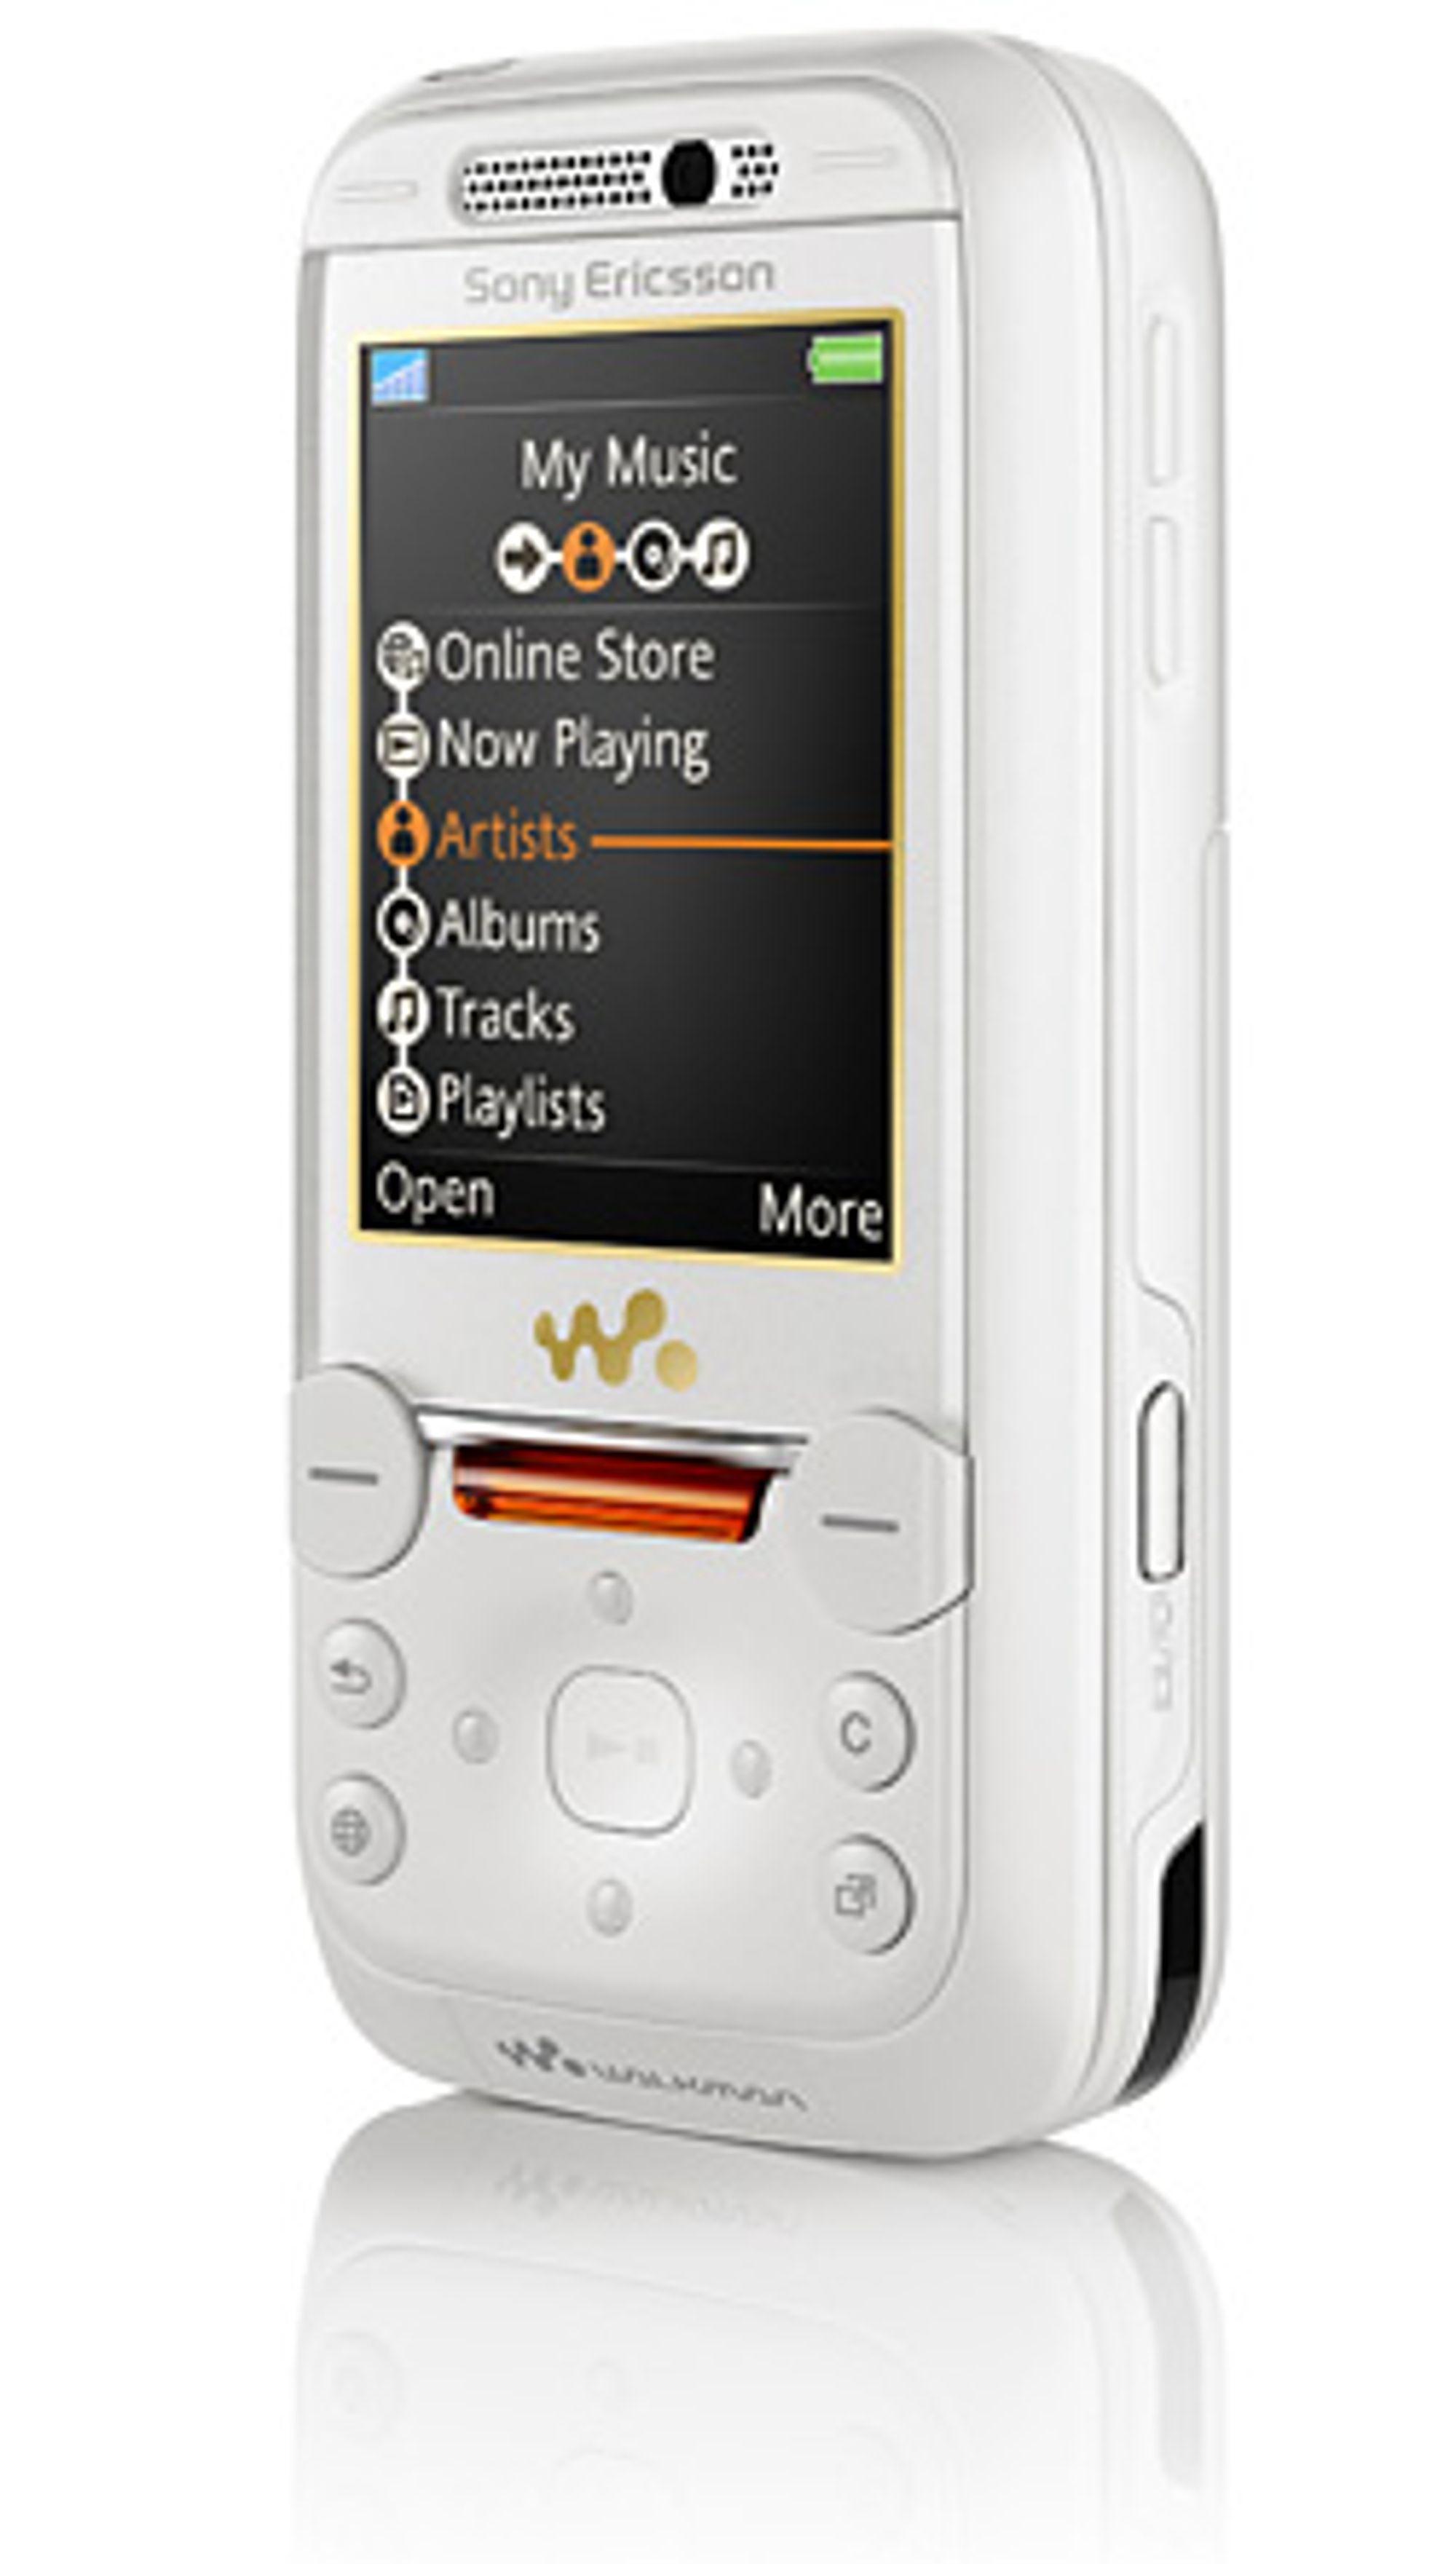 Denne mobilen vet hva sangen heter. Punktum.